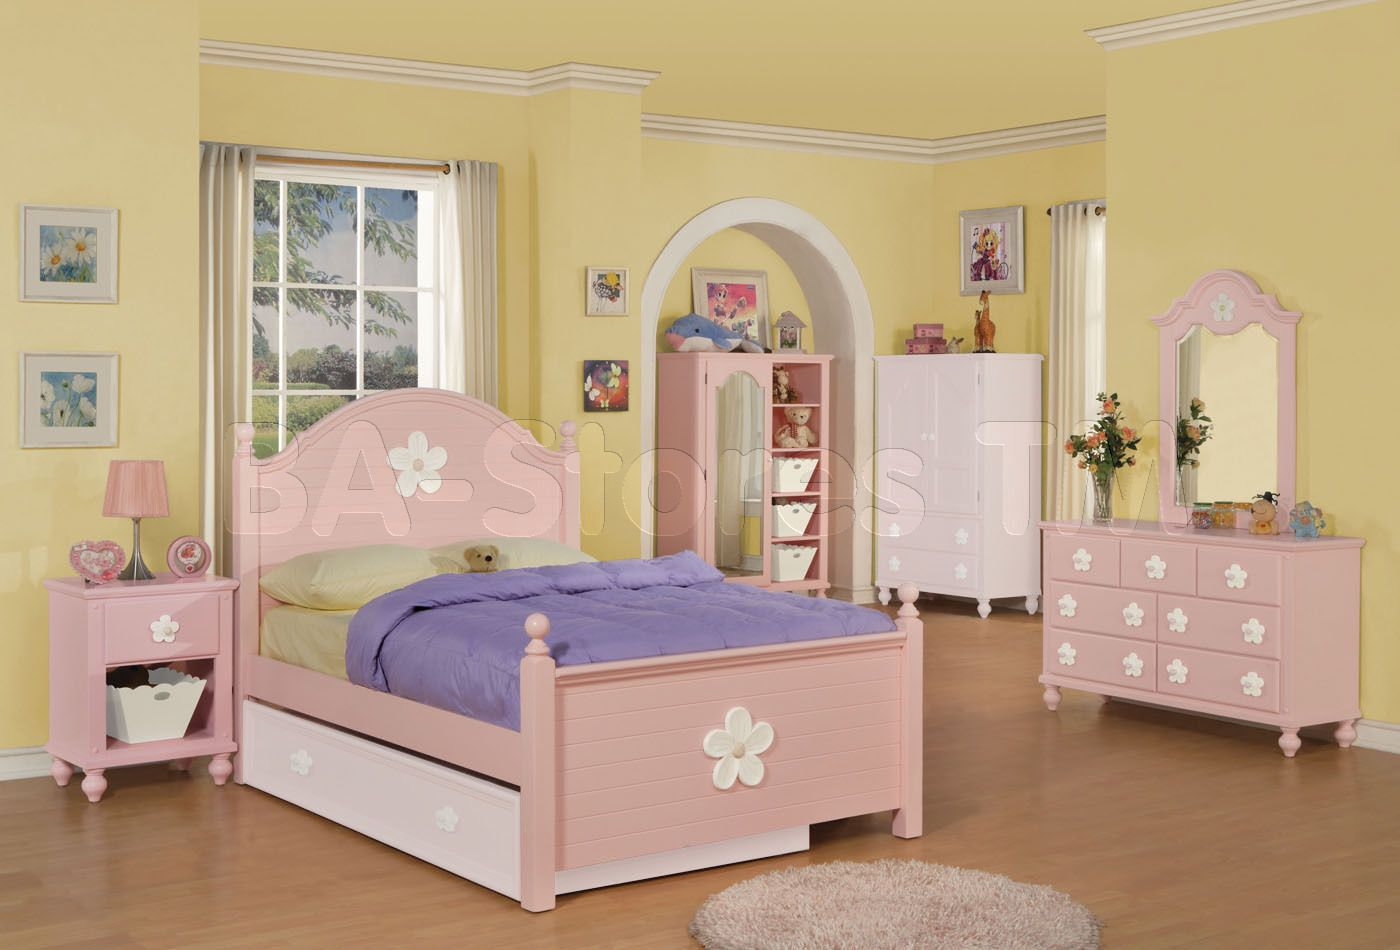 20 Günstige Kinder Schlafzimmer Möbel - Kinderzimmer ...